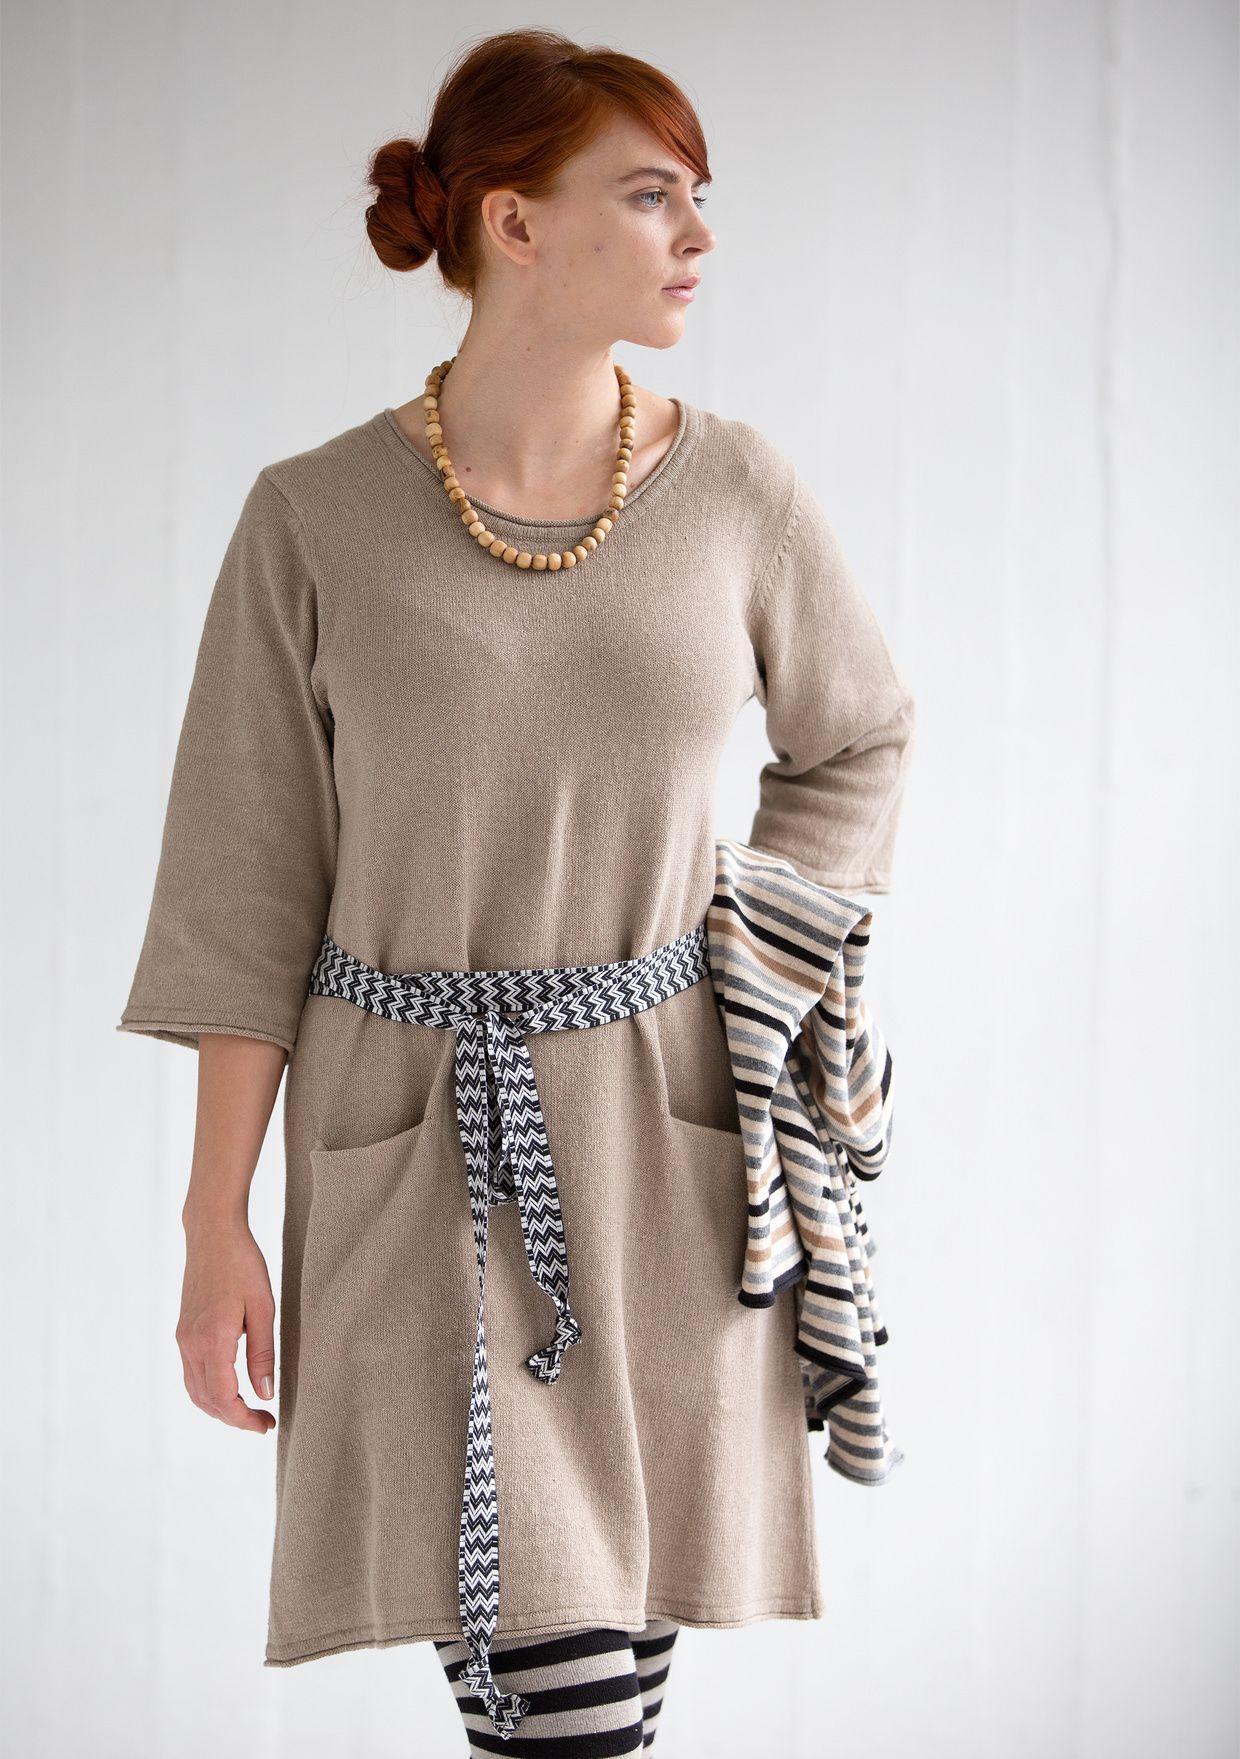 Tunika pellavaa/puuvillaa – Hameet & mekot – GUDRUN SJÖDÉN - vaatteita verkossa ja postimyynnissä